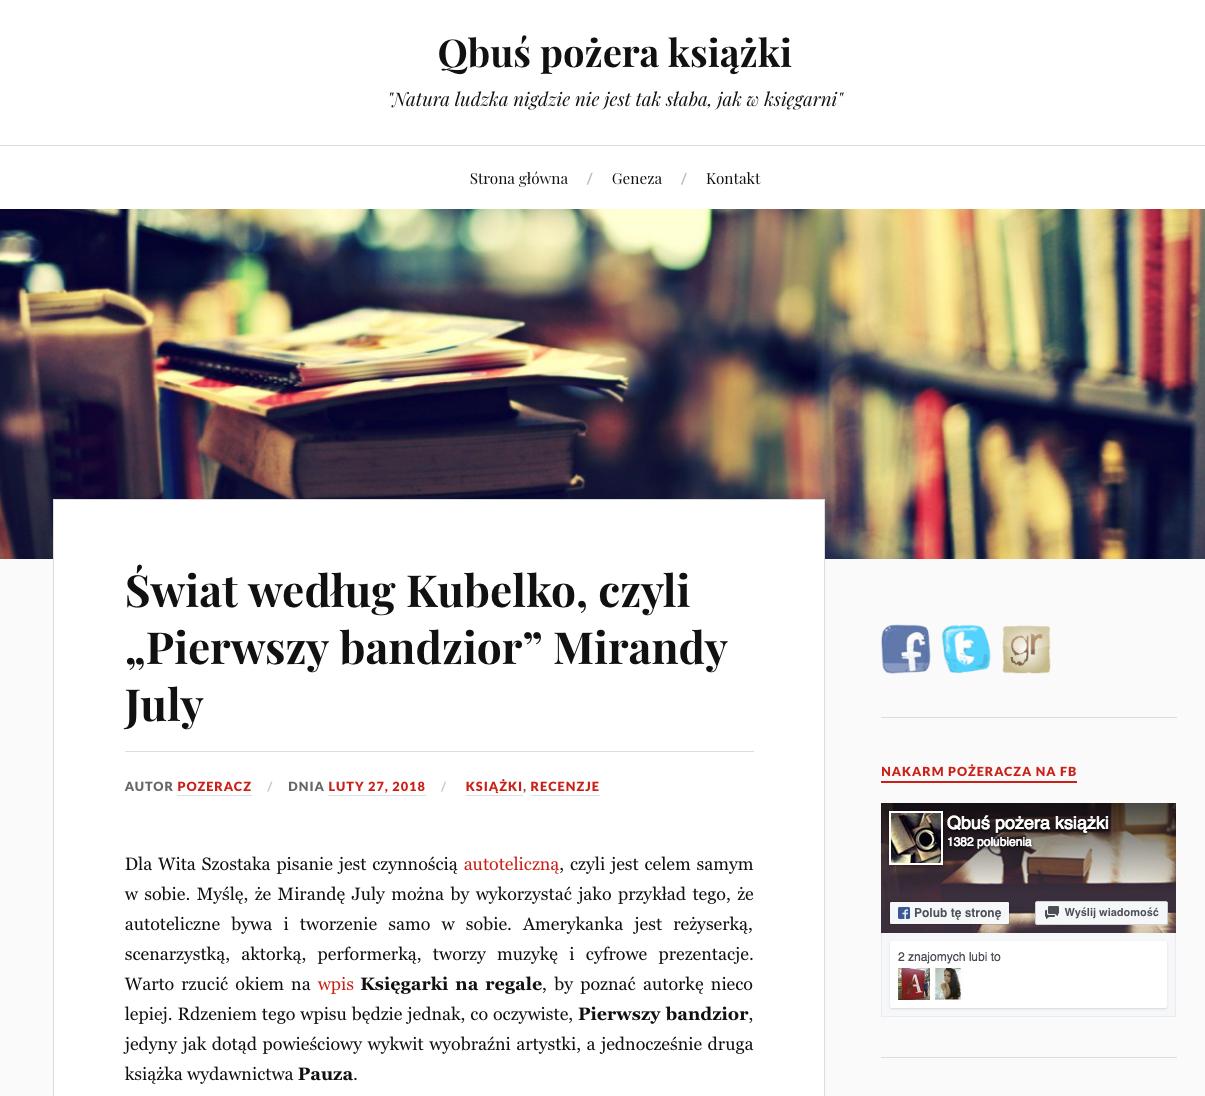 Świat według Kubelko czyli Pierwszy bandzior Mirandy July – Qbuś pożera książki